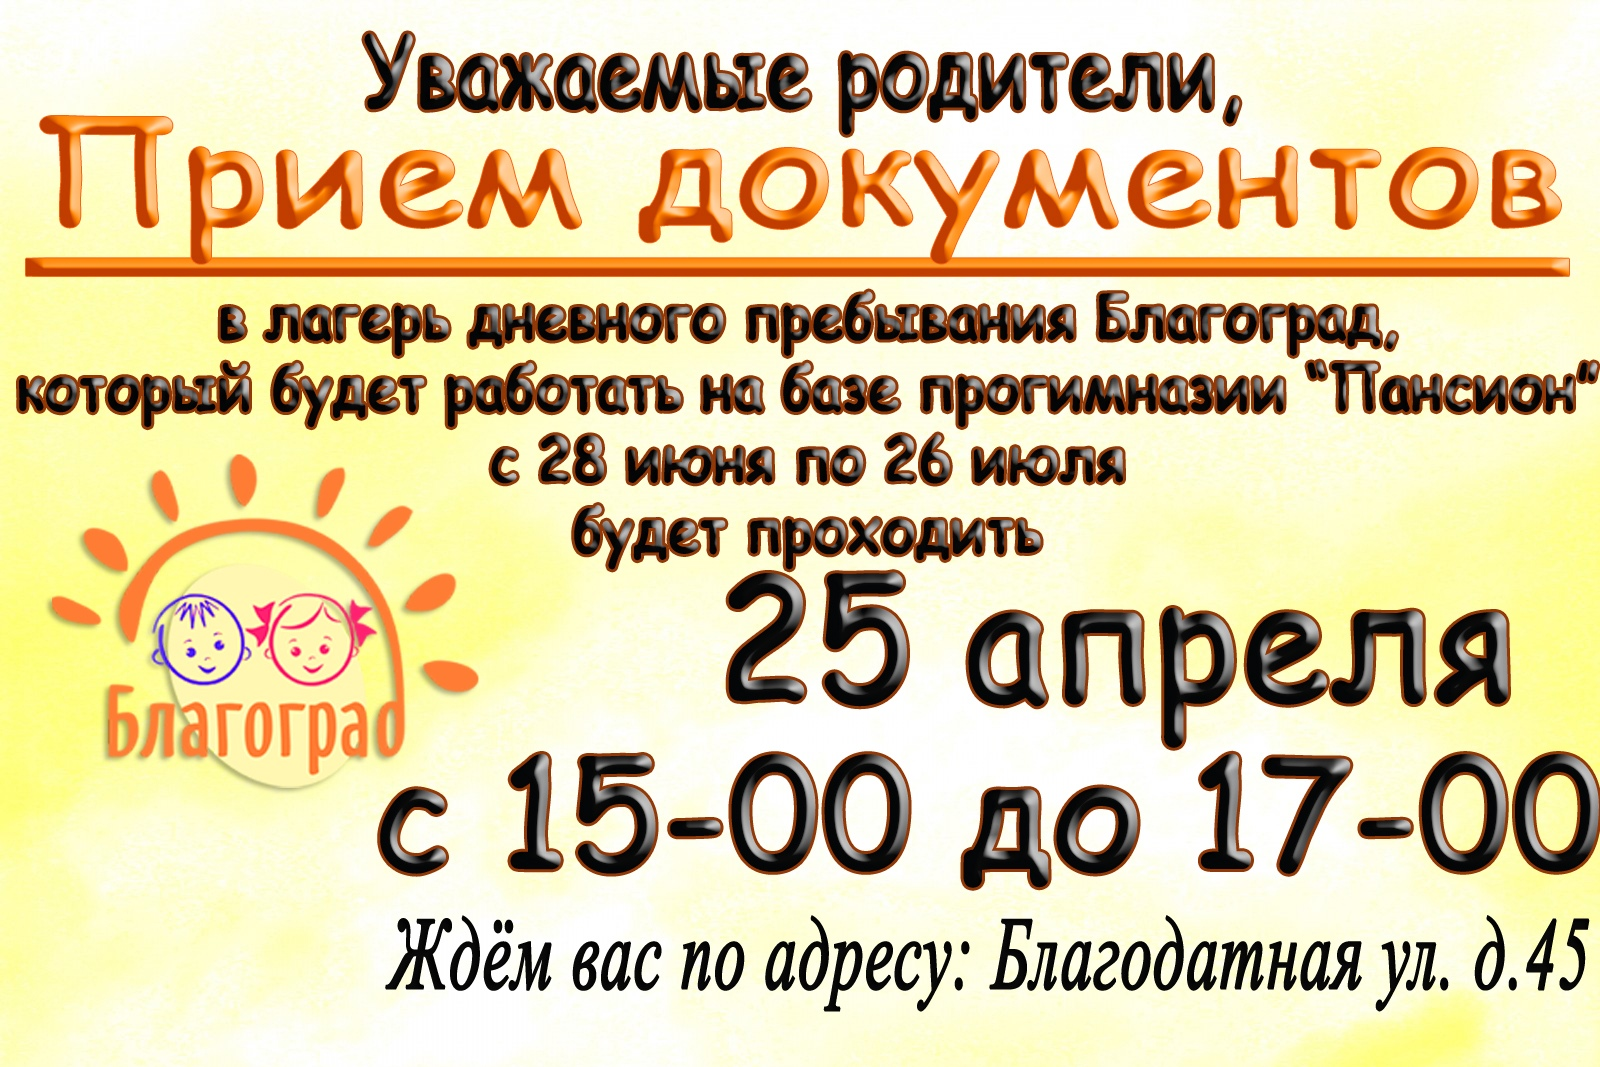 Прием документов в лагерь дневного пребывания будет проходить 25 апреля с 15.00 до 17.00 по адресу Благодатная ул. д.45